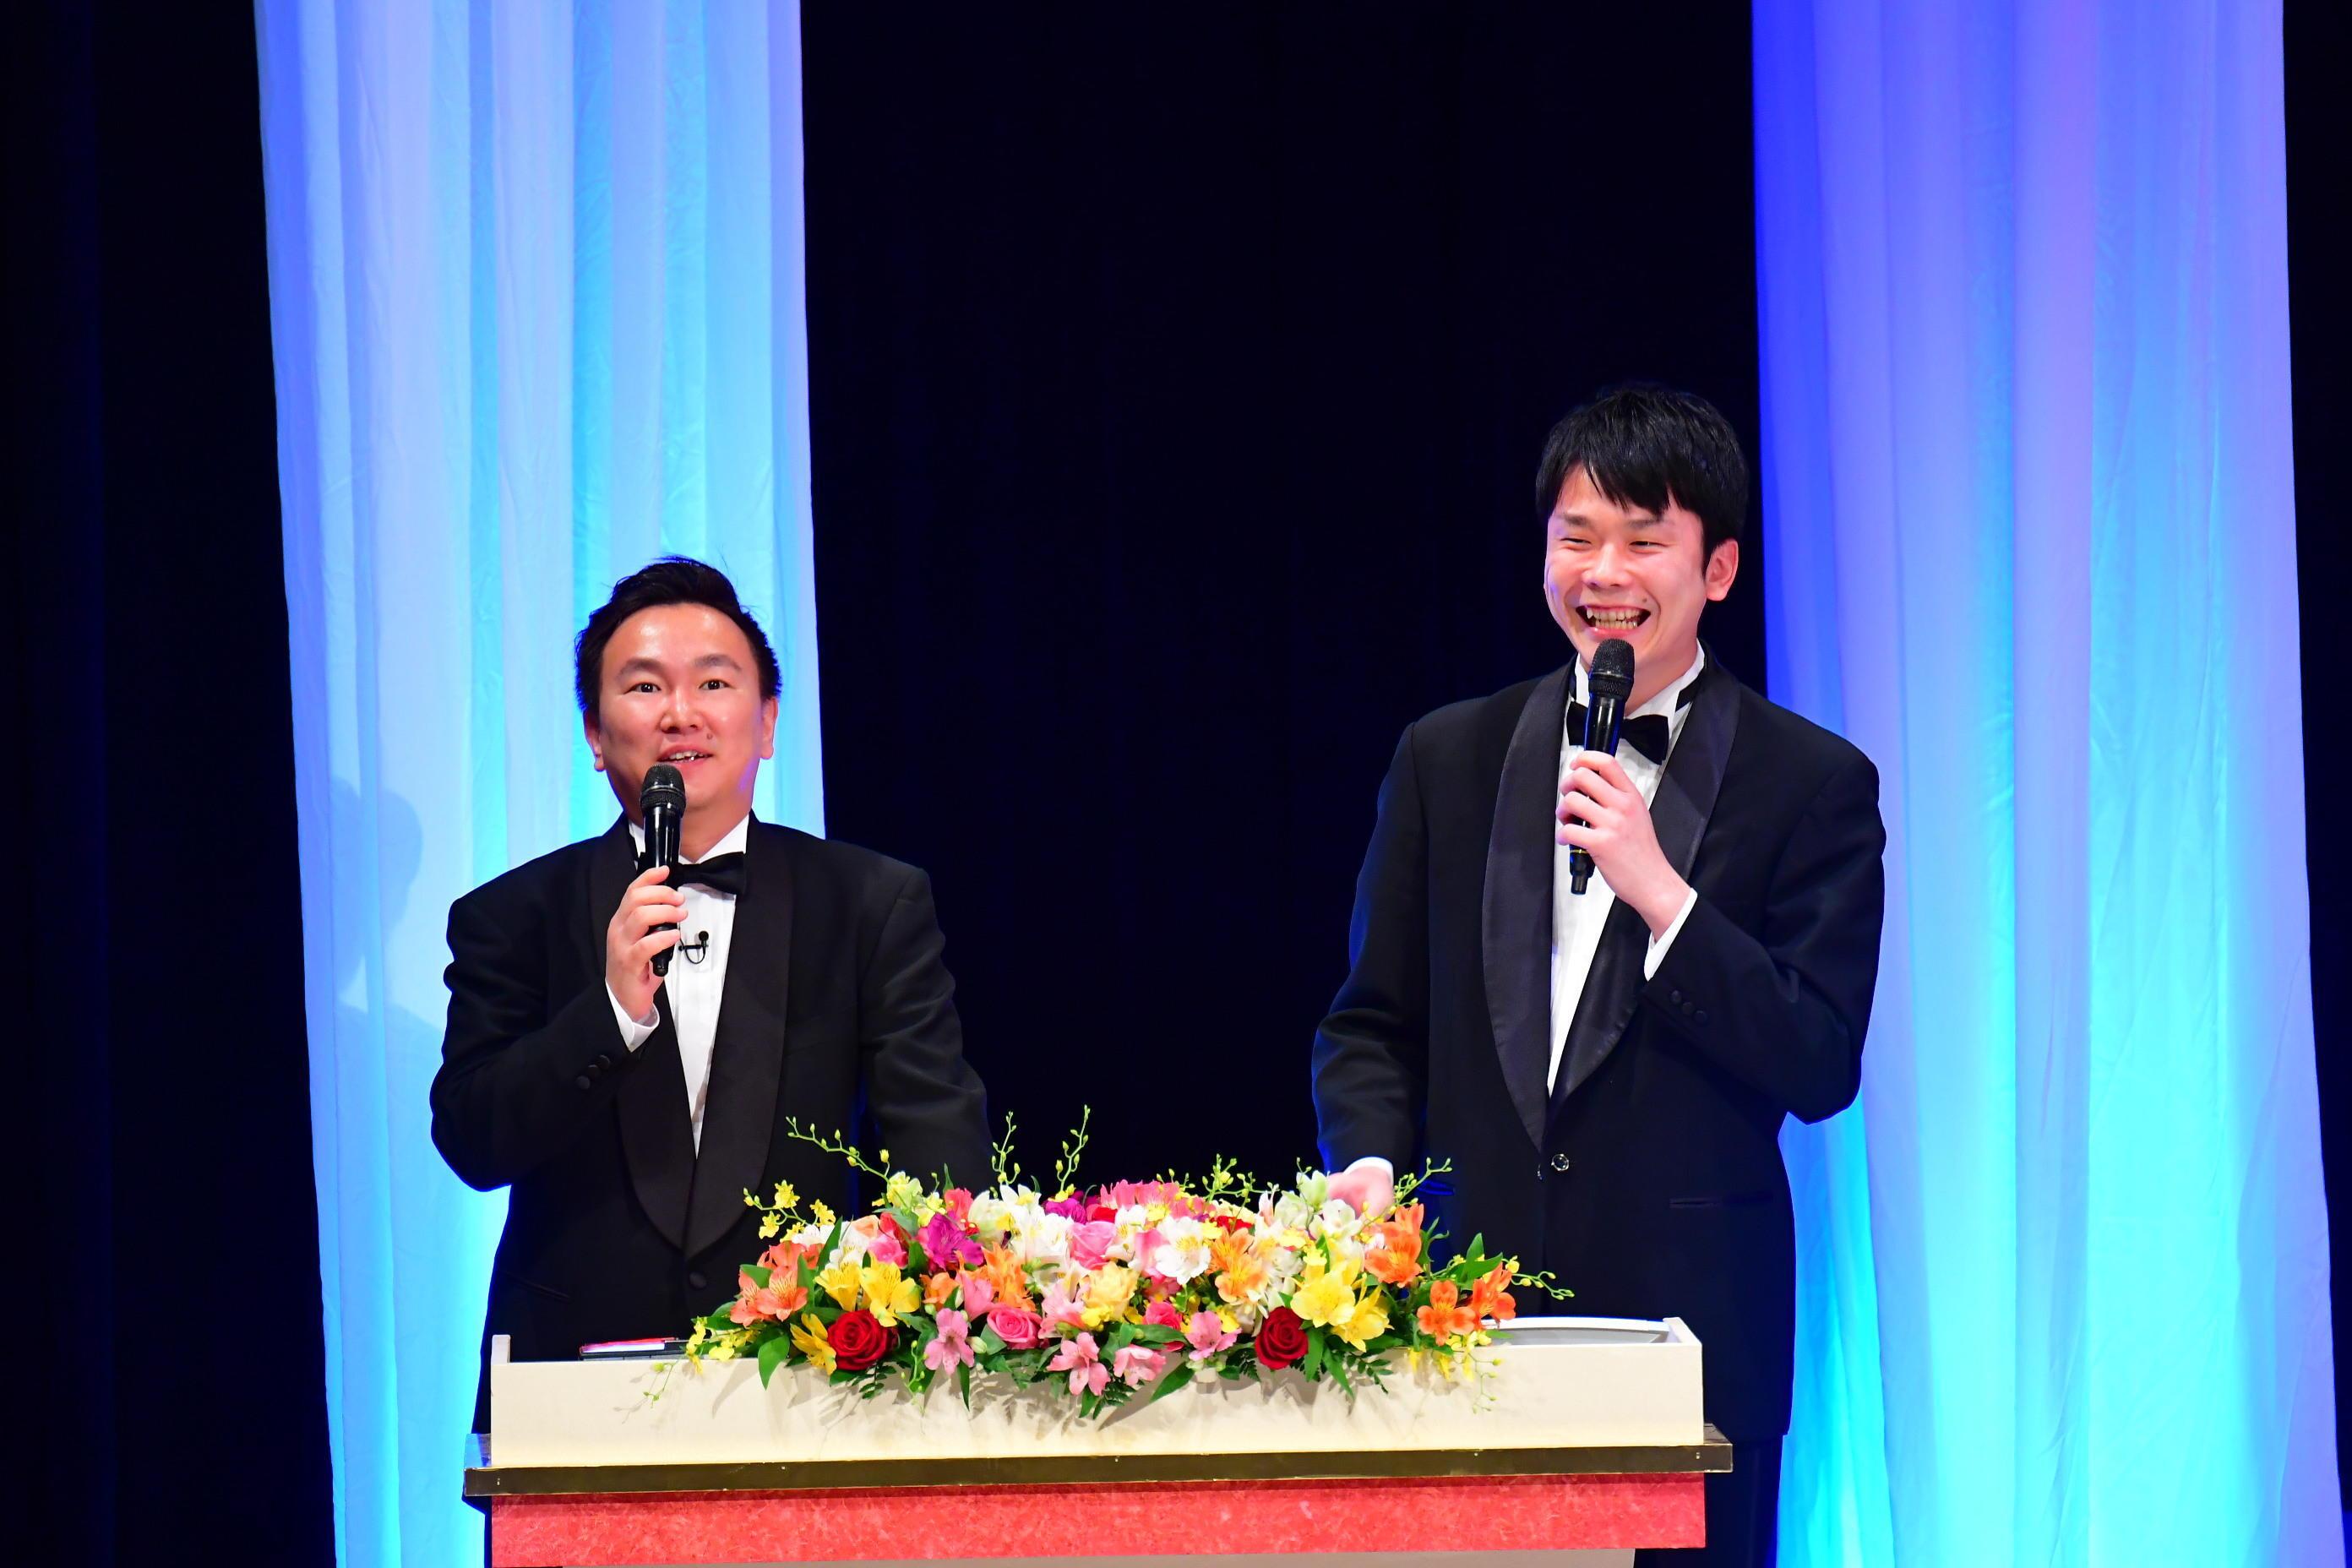 http://news.yoshimoto.co.jp/20180109015734-6de1f0392fa3727cc1814468110074eaa9d8e683.jpg